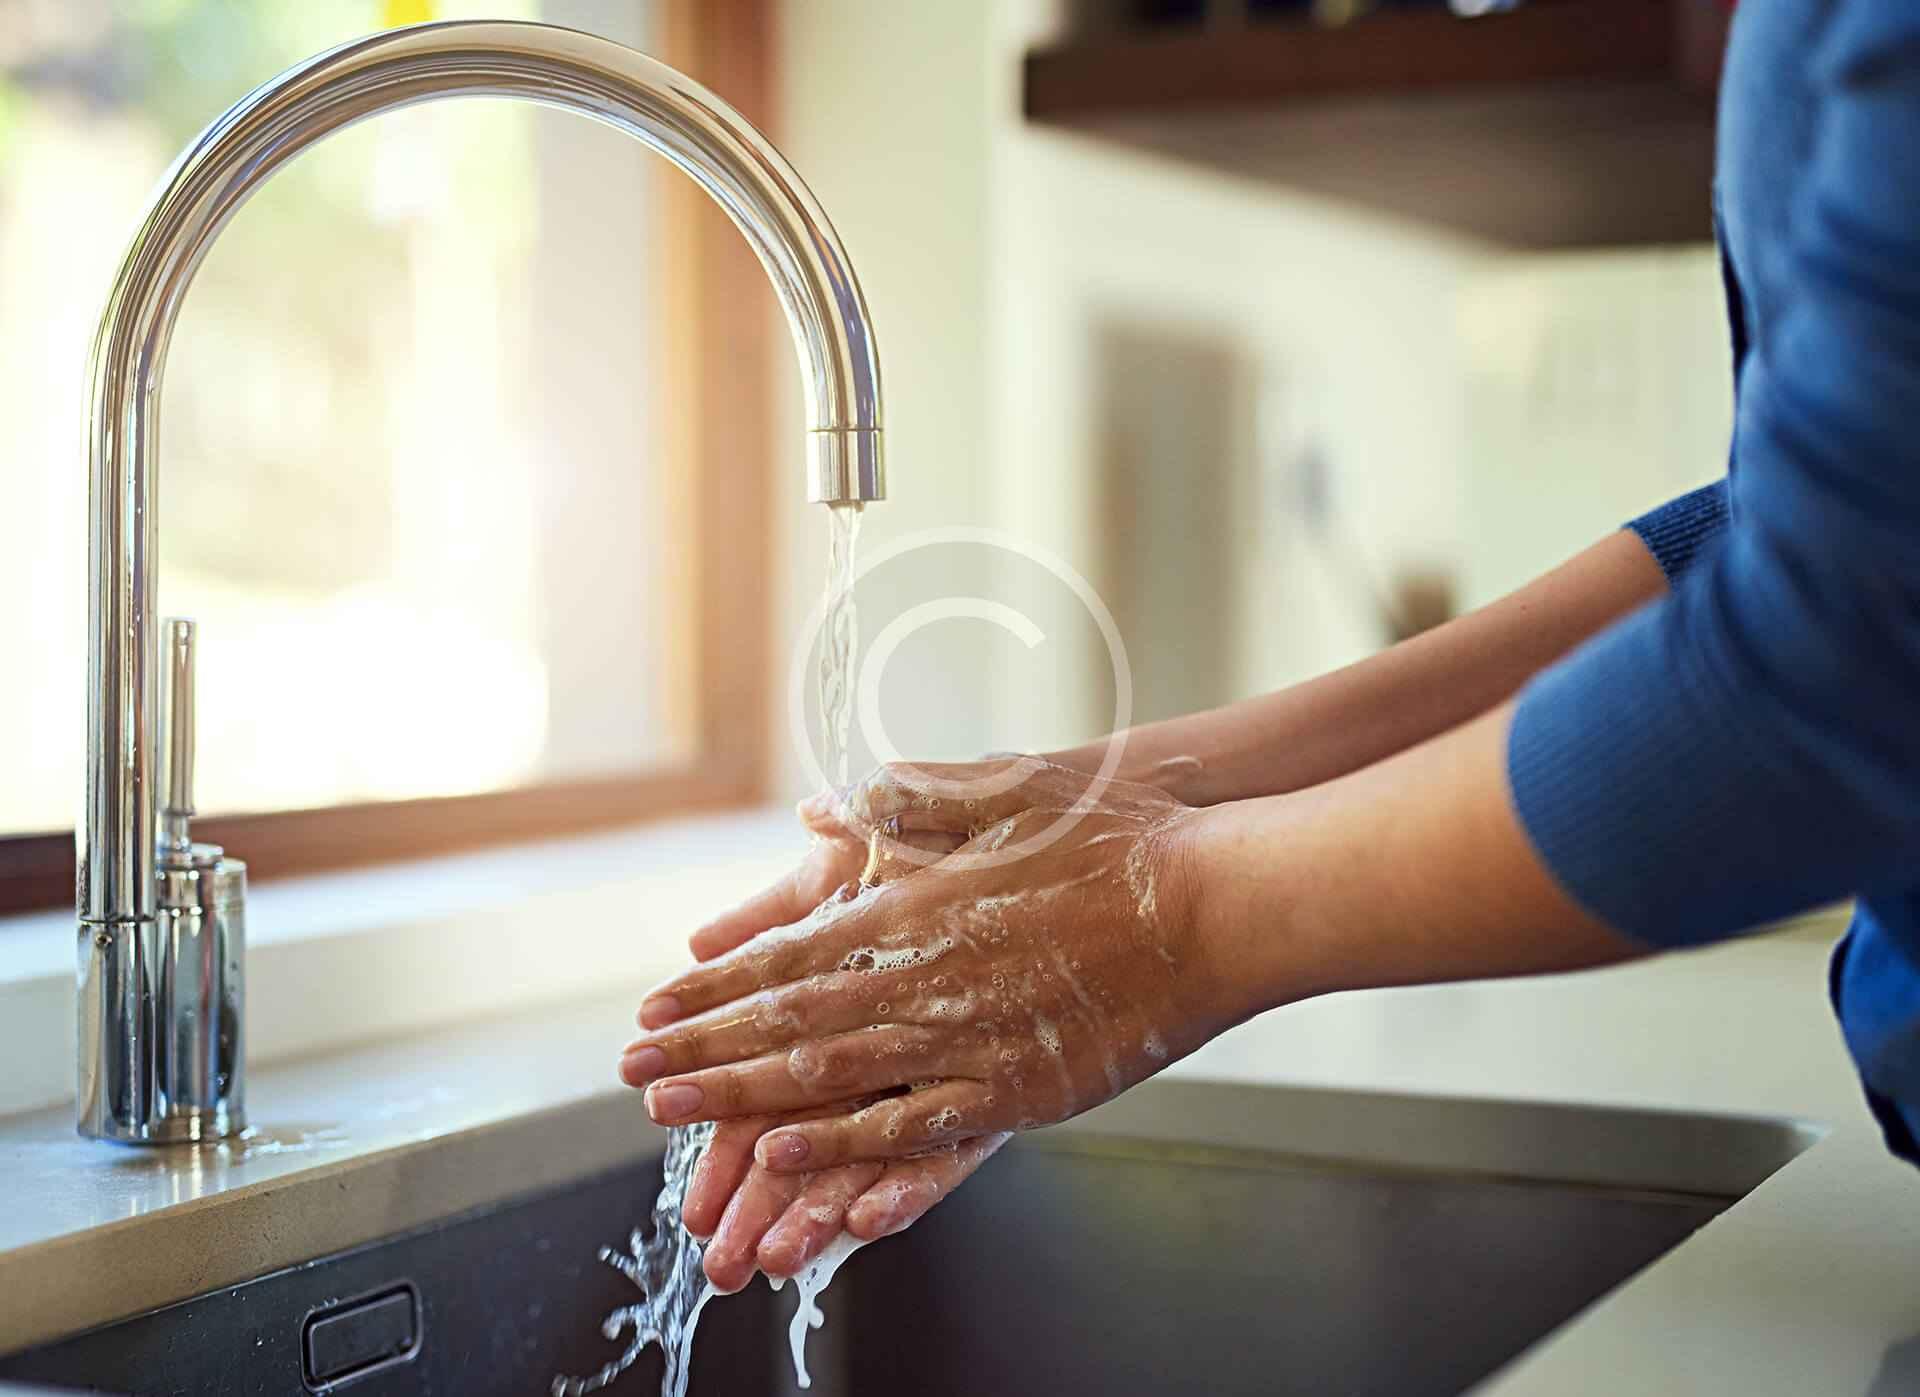 Su Yumuşat Teknolojisi